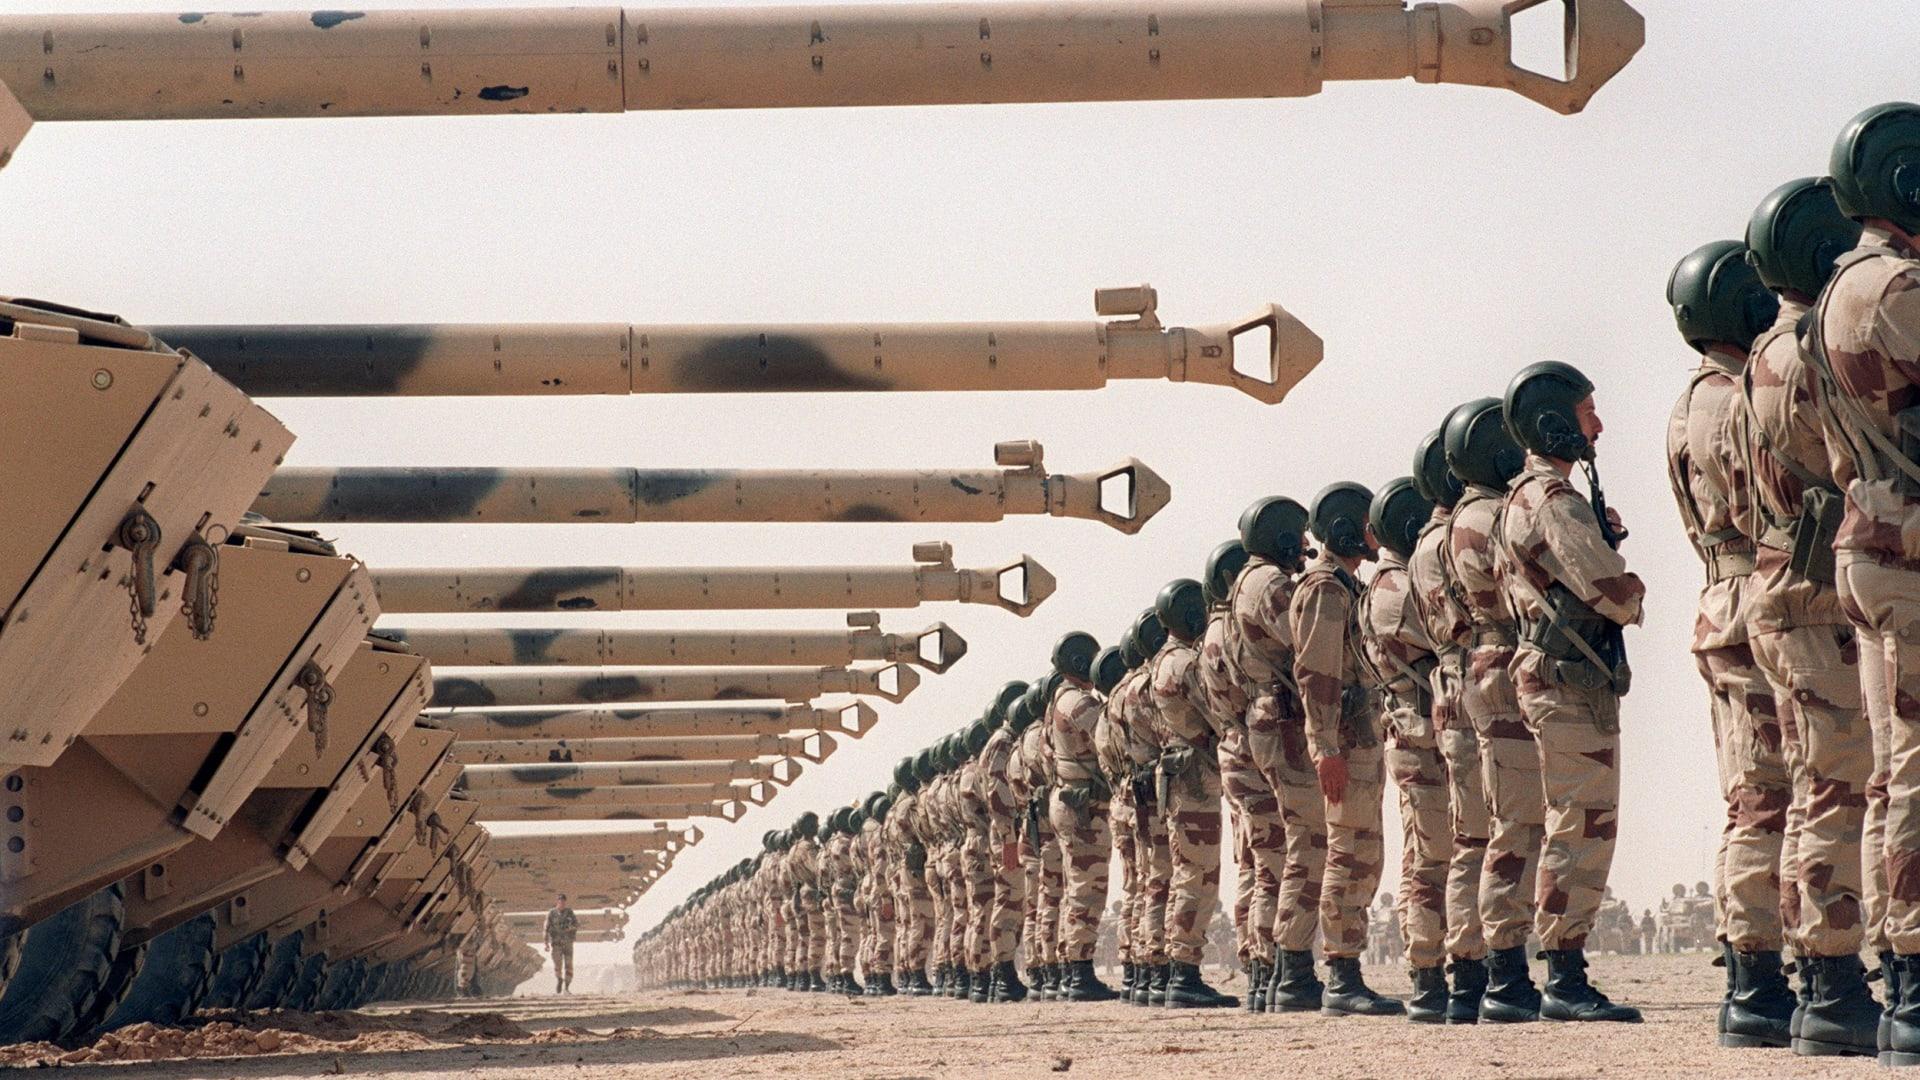 السعودية رابع أضخم قوة مدرعات بالعالم.. تتفوق على إيران وتركيا وإسرائيل